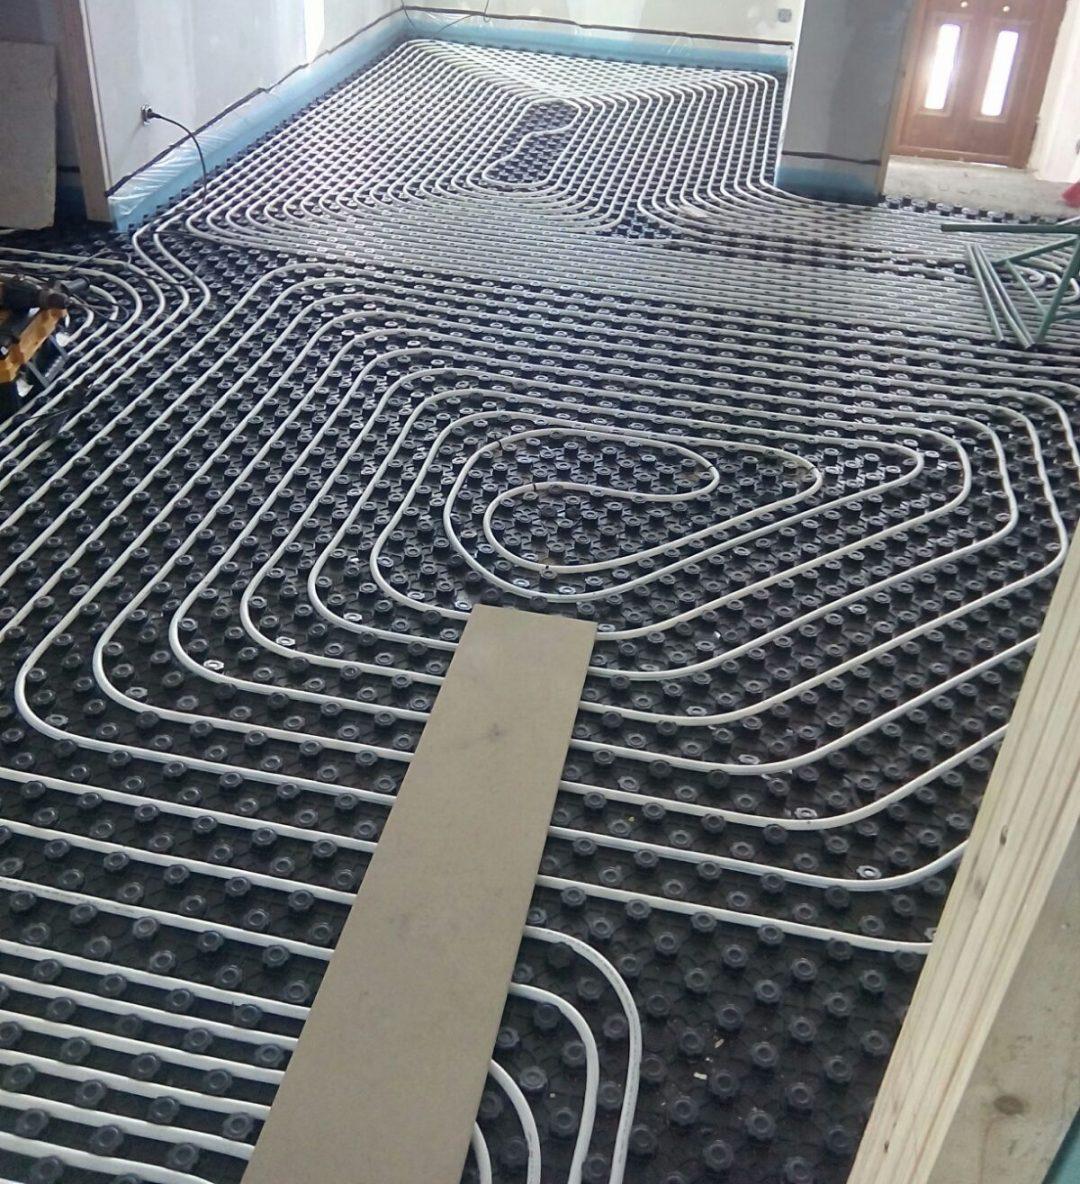 Instalaci n de suelo radiante en vivienda particular ingenio - Instalacion suelo radiante ...